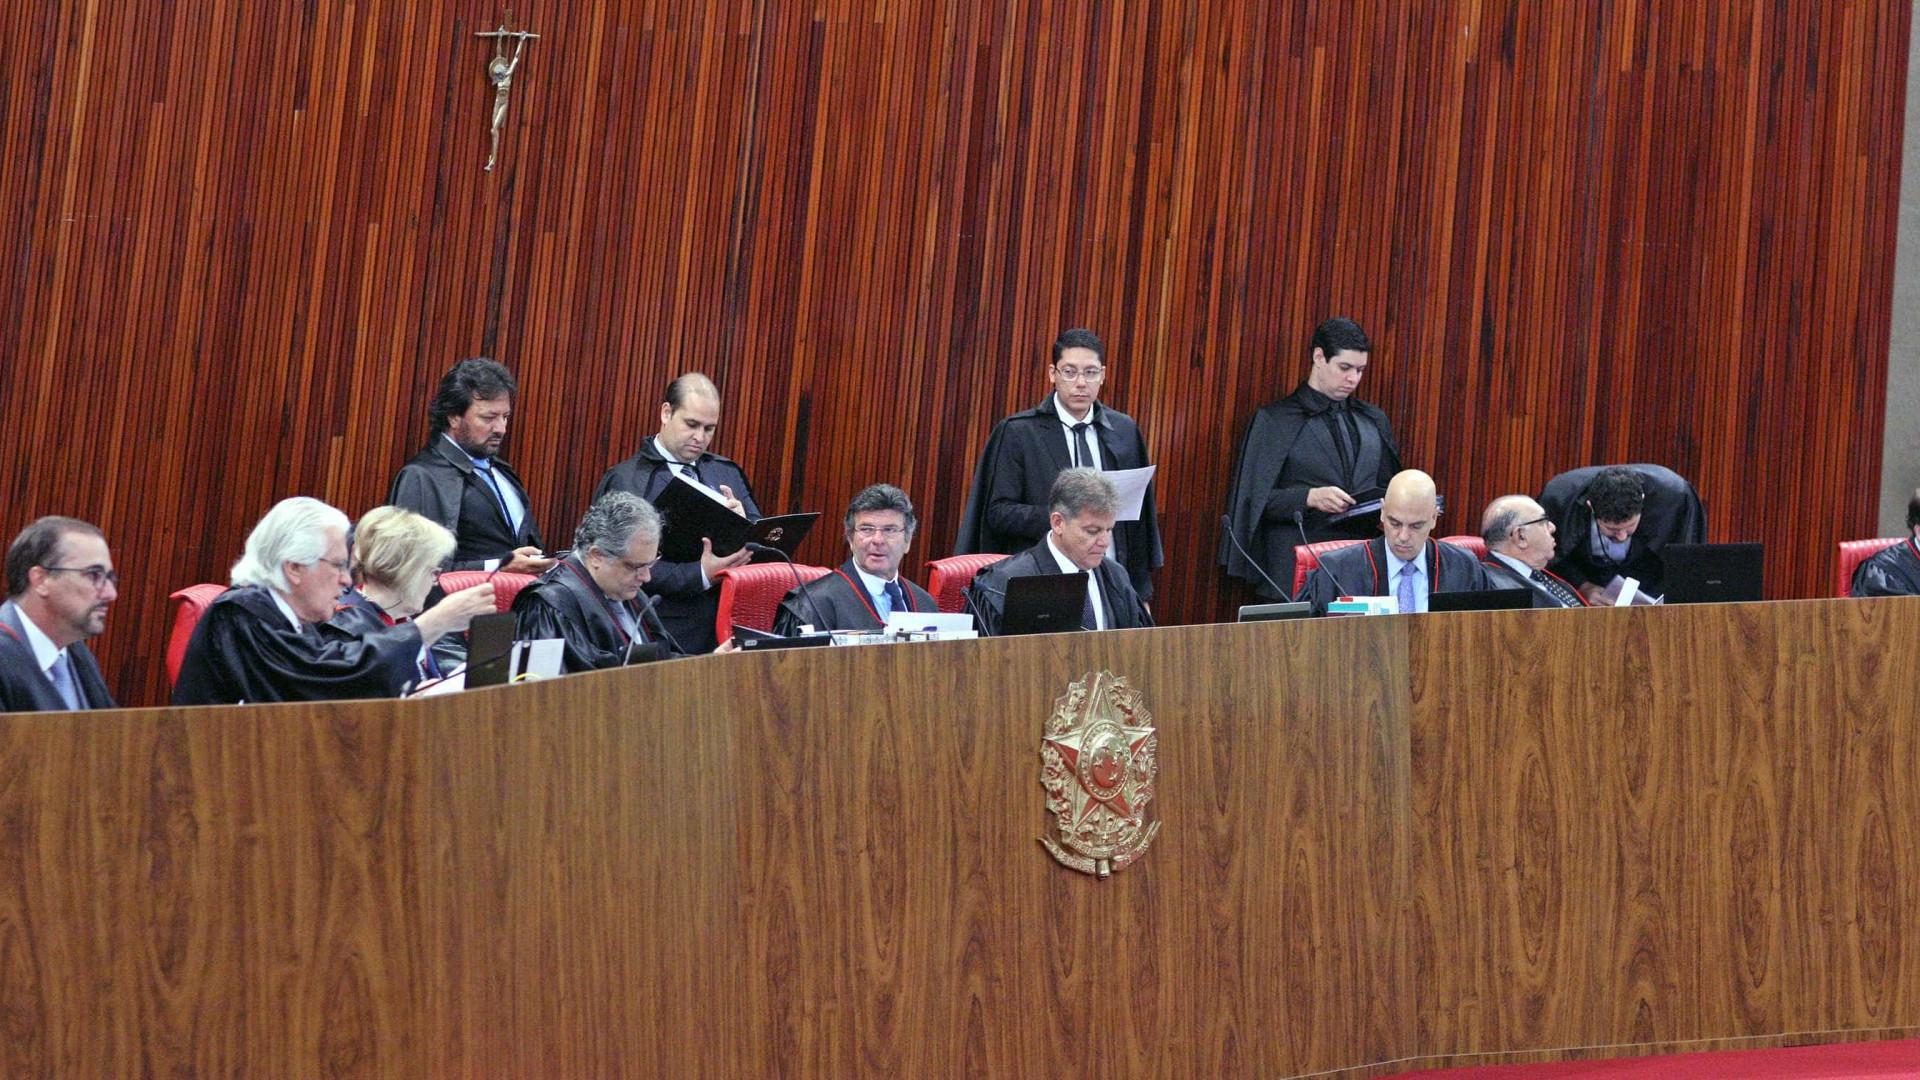 Pedidos de uso da Força Federal nas eleições serão decididos pelo TSE